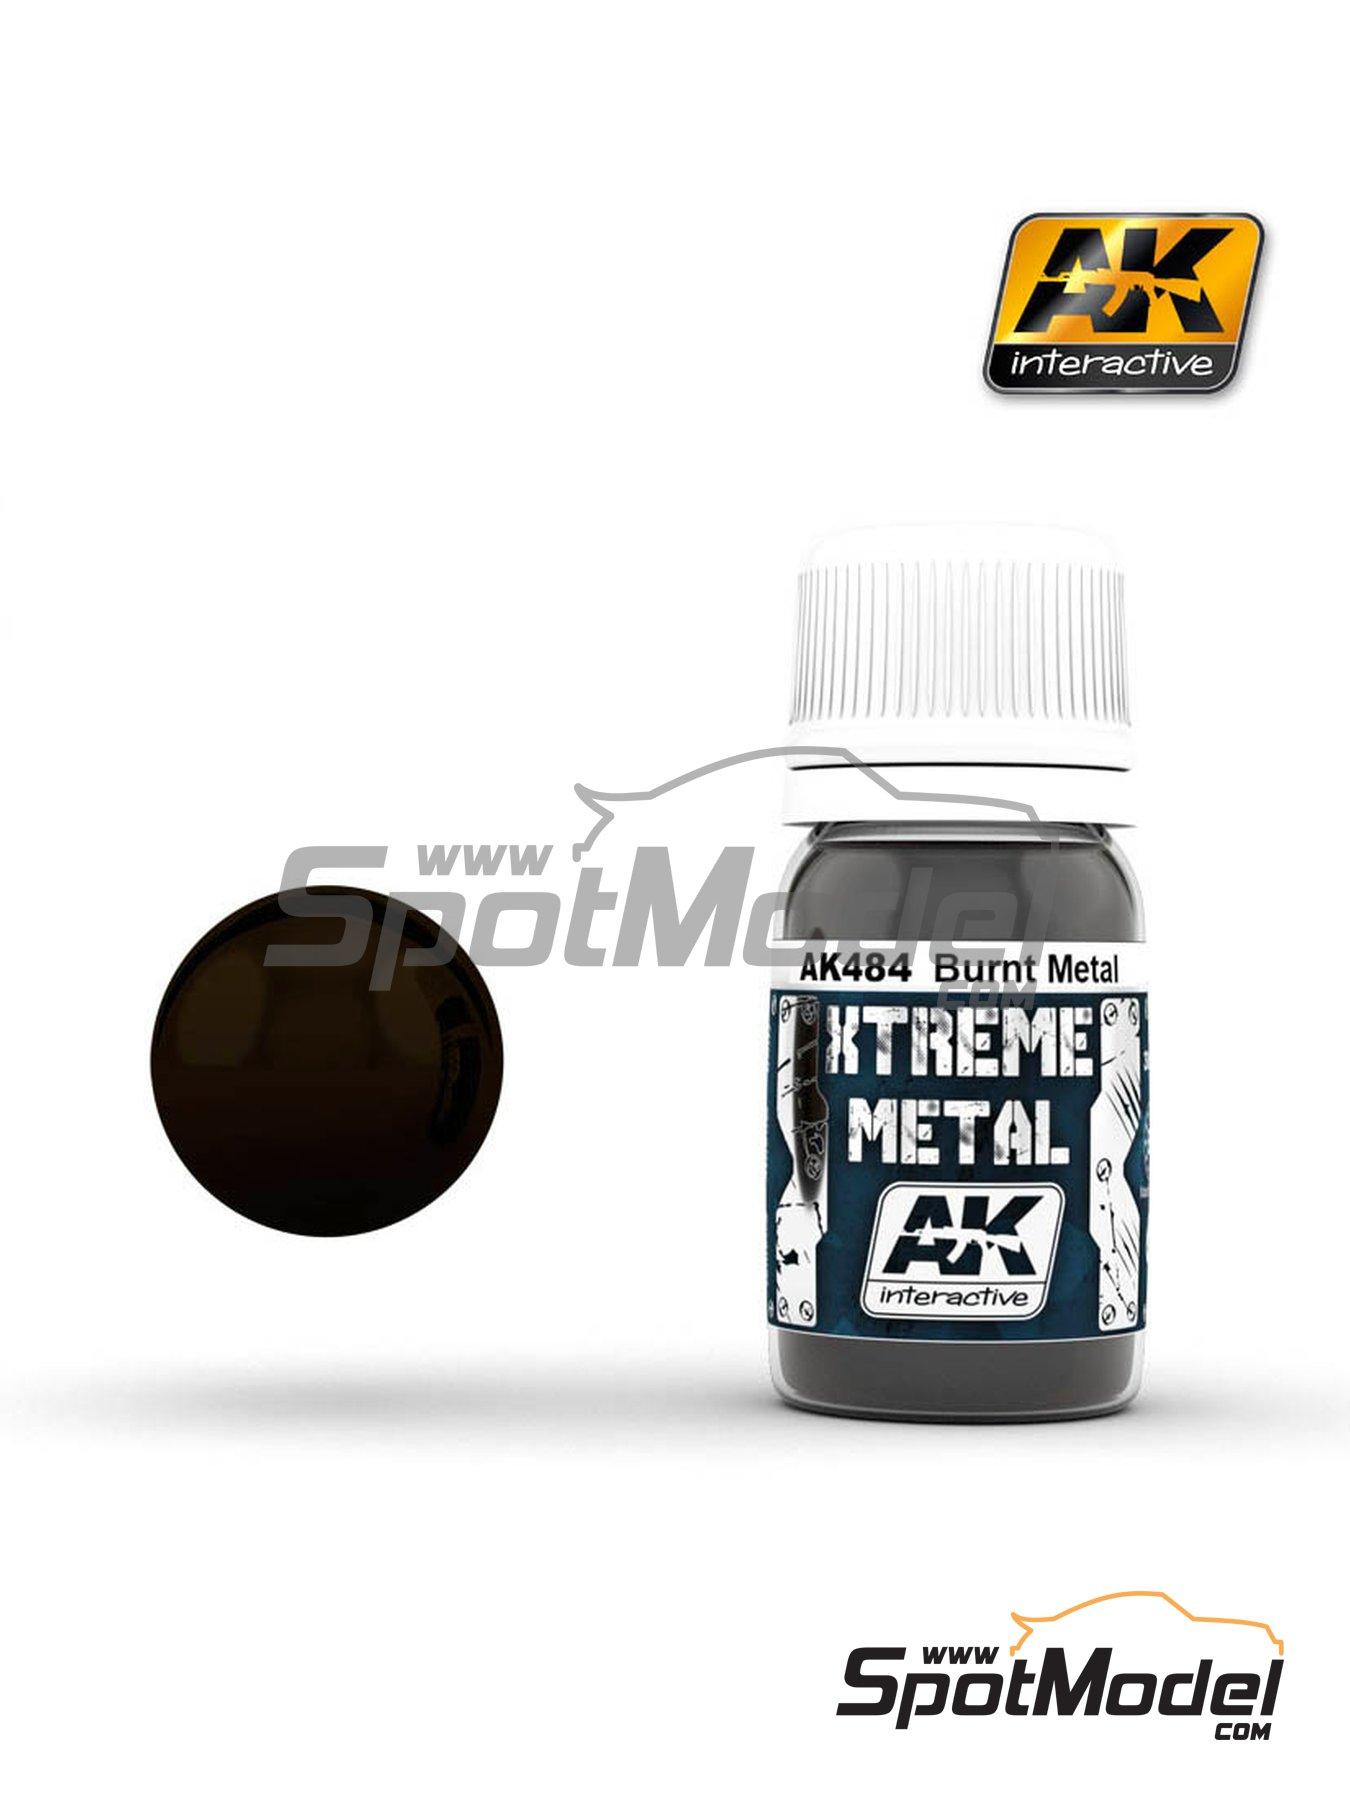 Metal quemado | Pintura Xtreme metal fabricado por AK Interactive (ref.AK-484) image